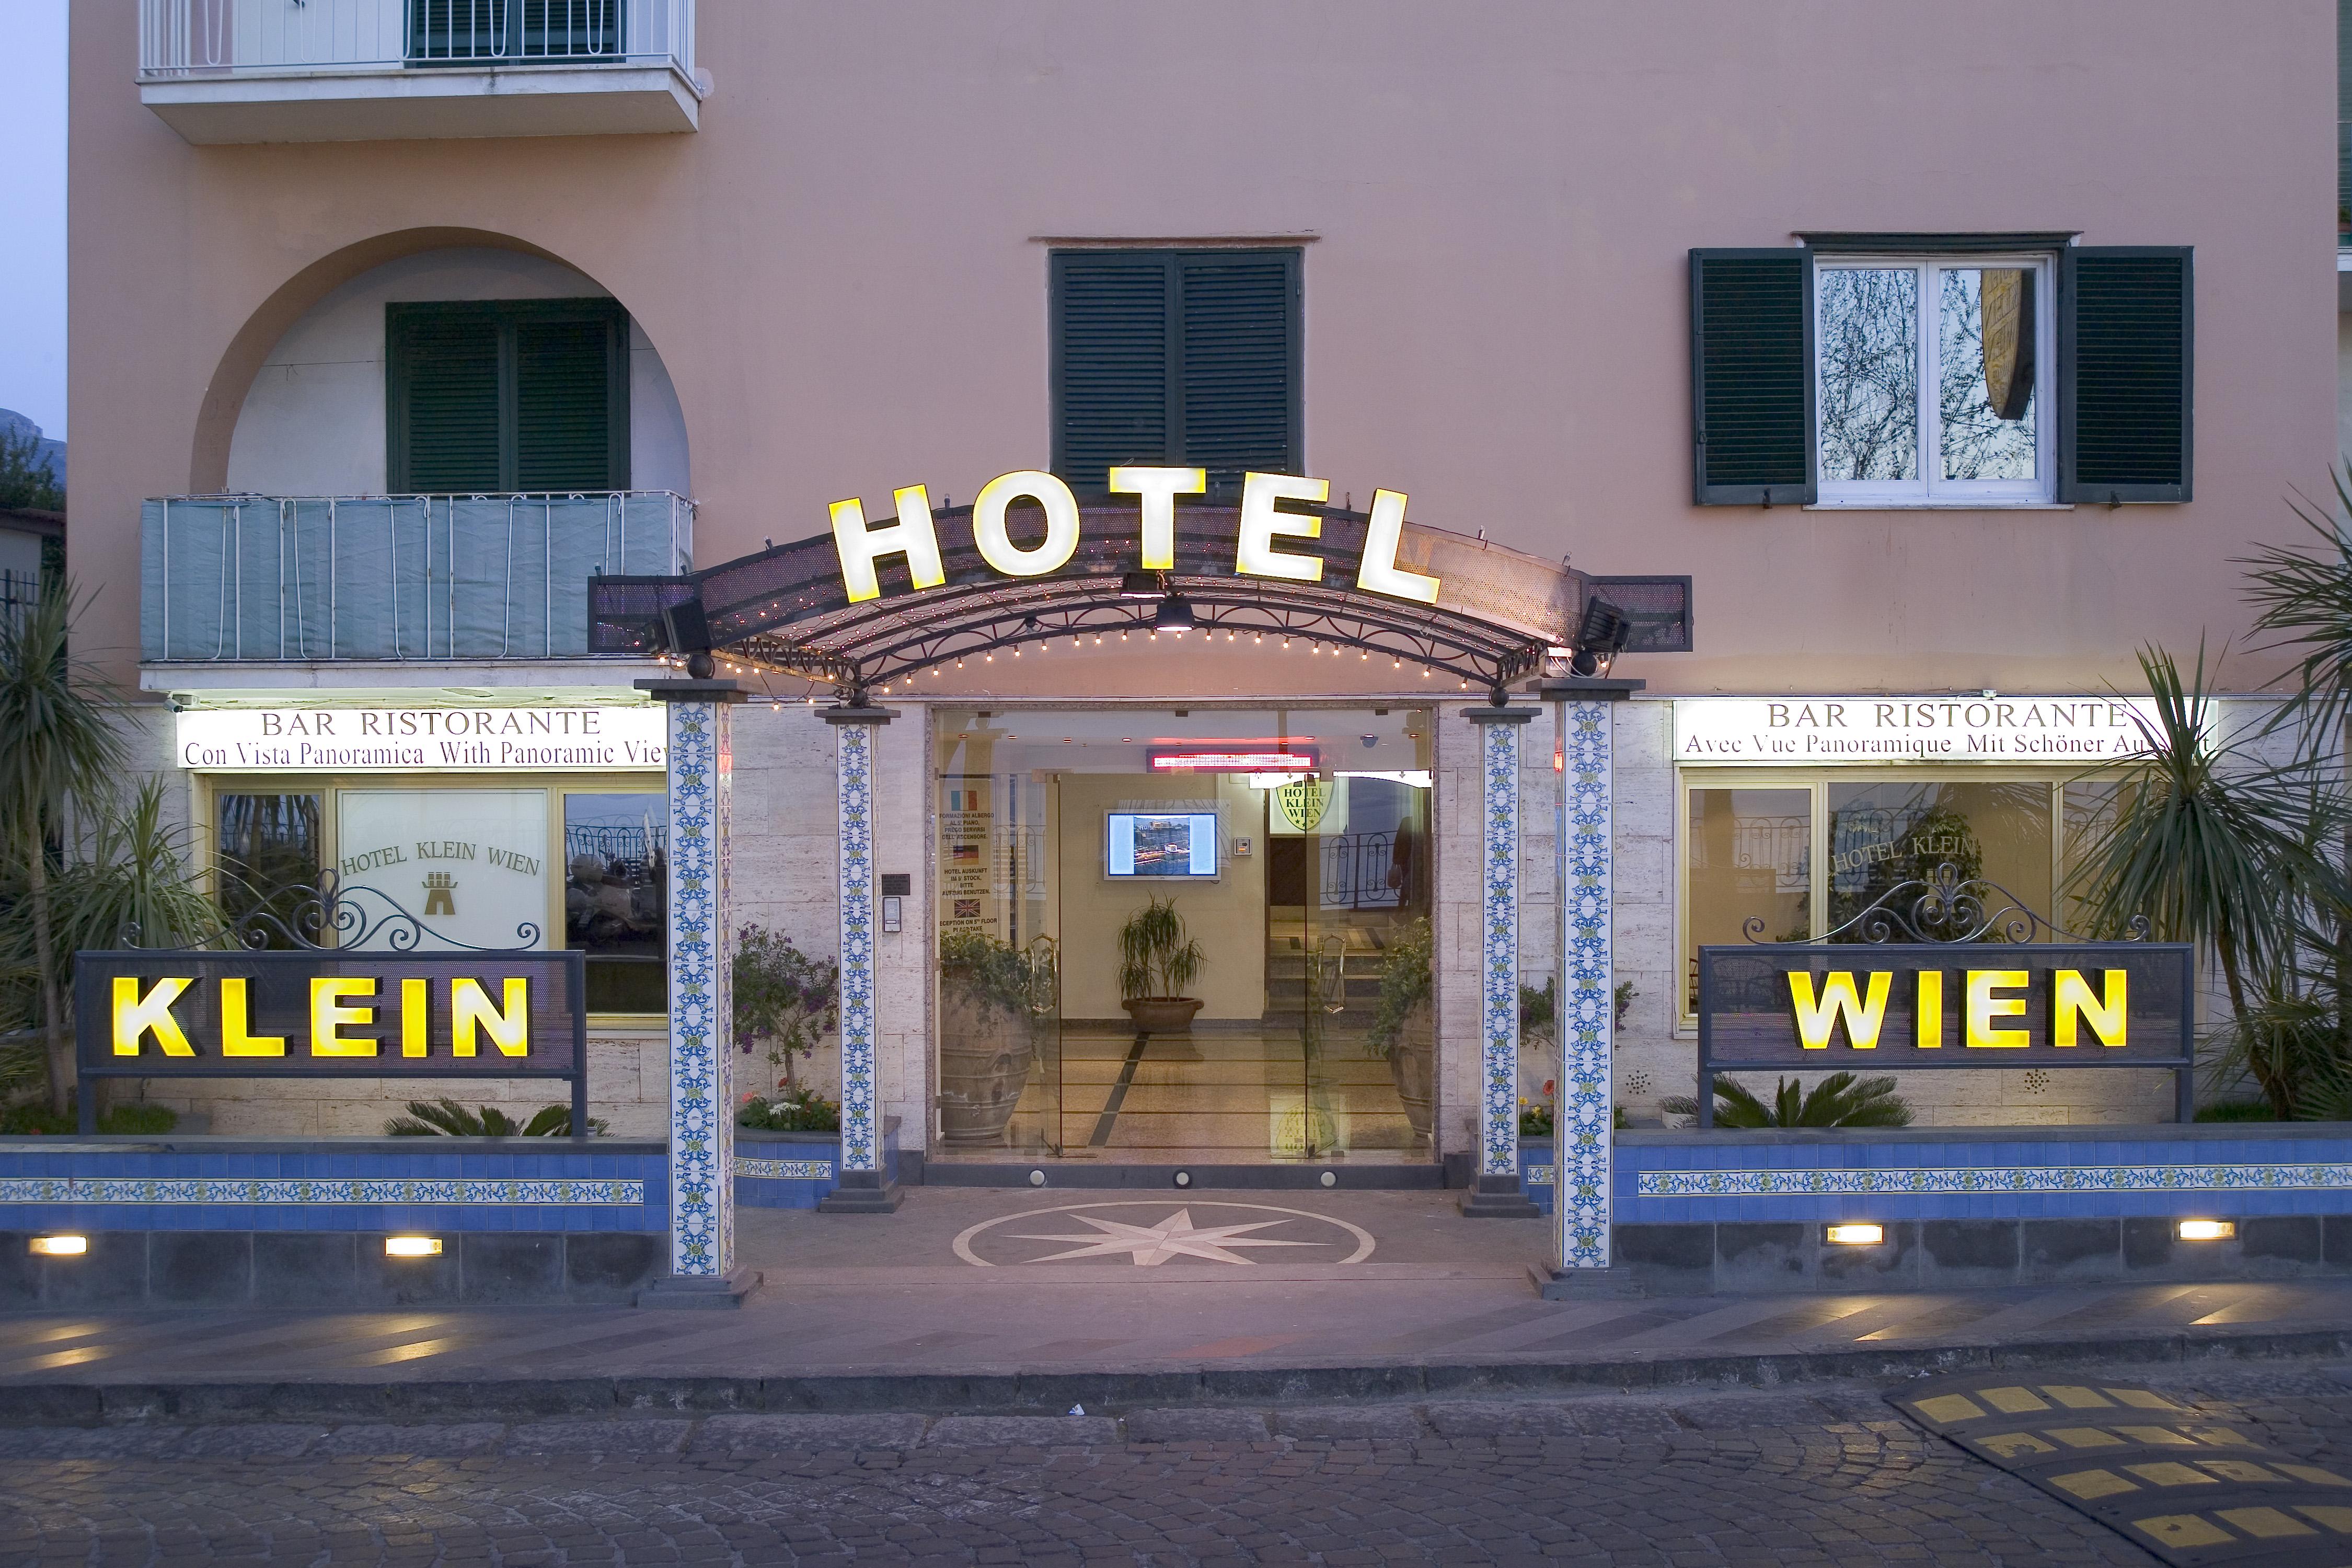 Hotel Klein Wien